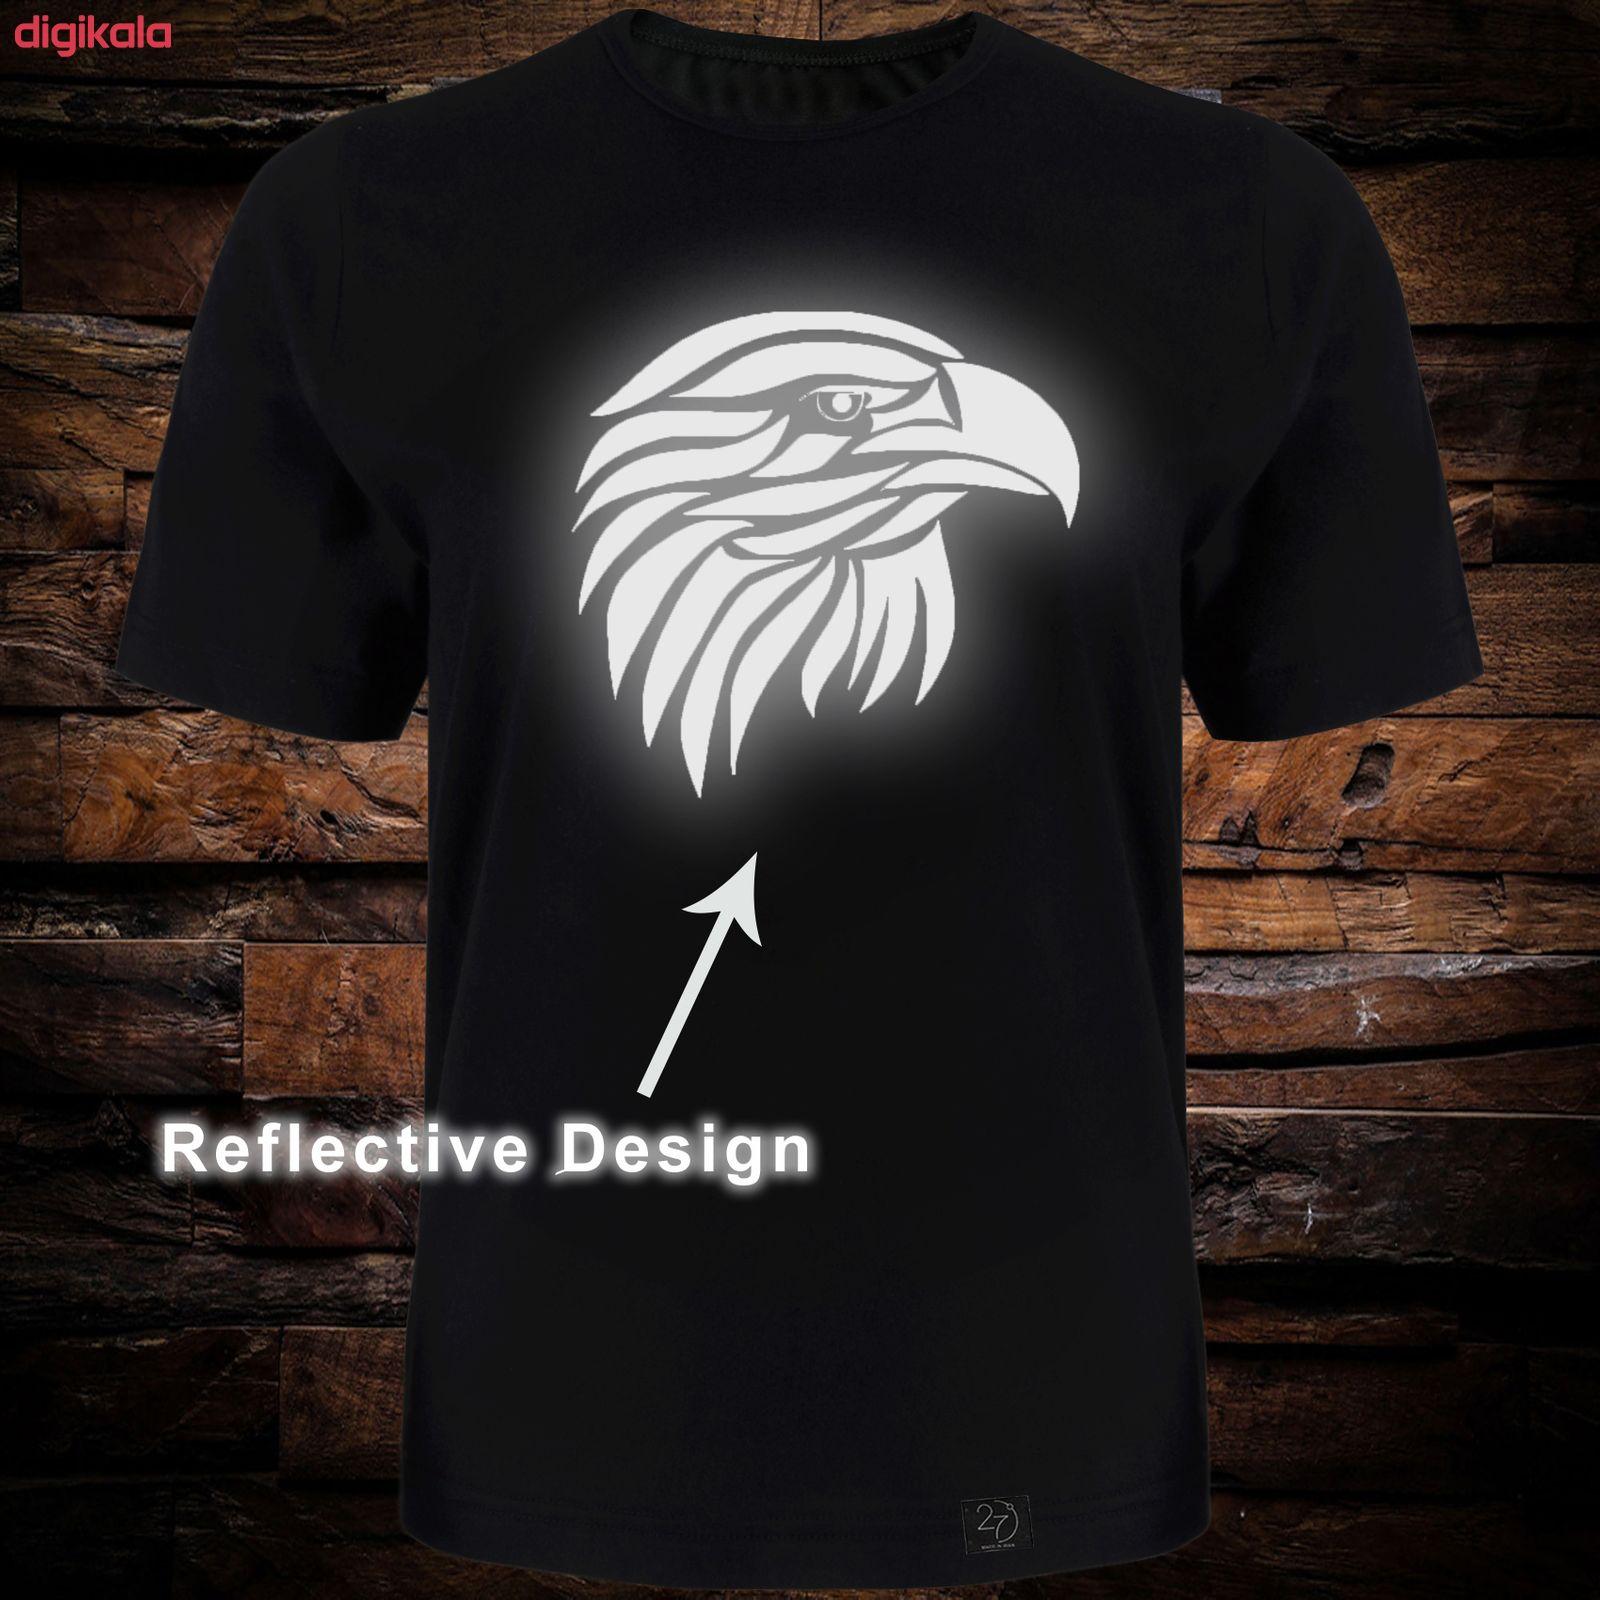 تی شرت آستین کوتاه مردانه 27 طرح عقاب کد TR05 رنگ مشکی main 1 2